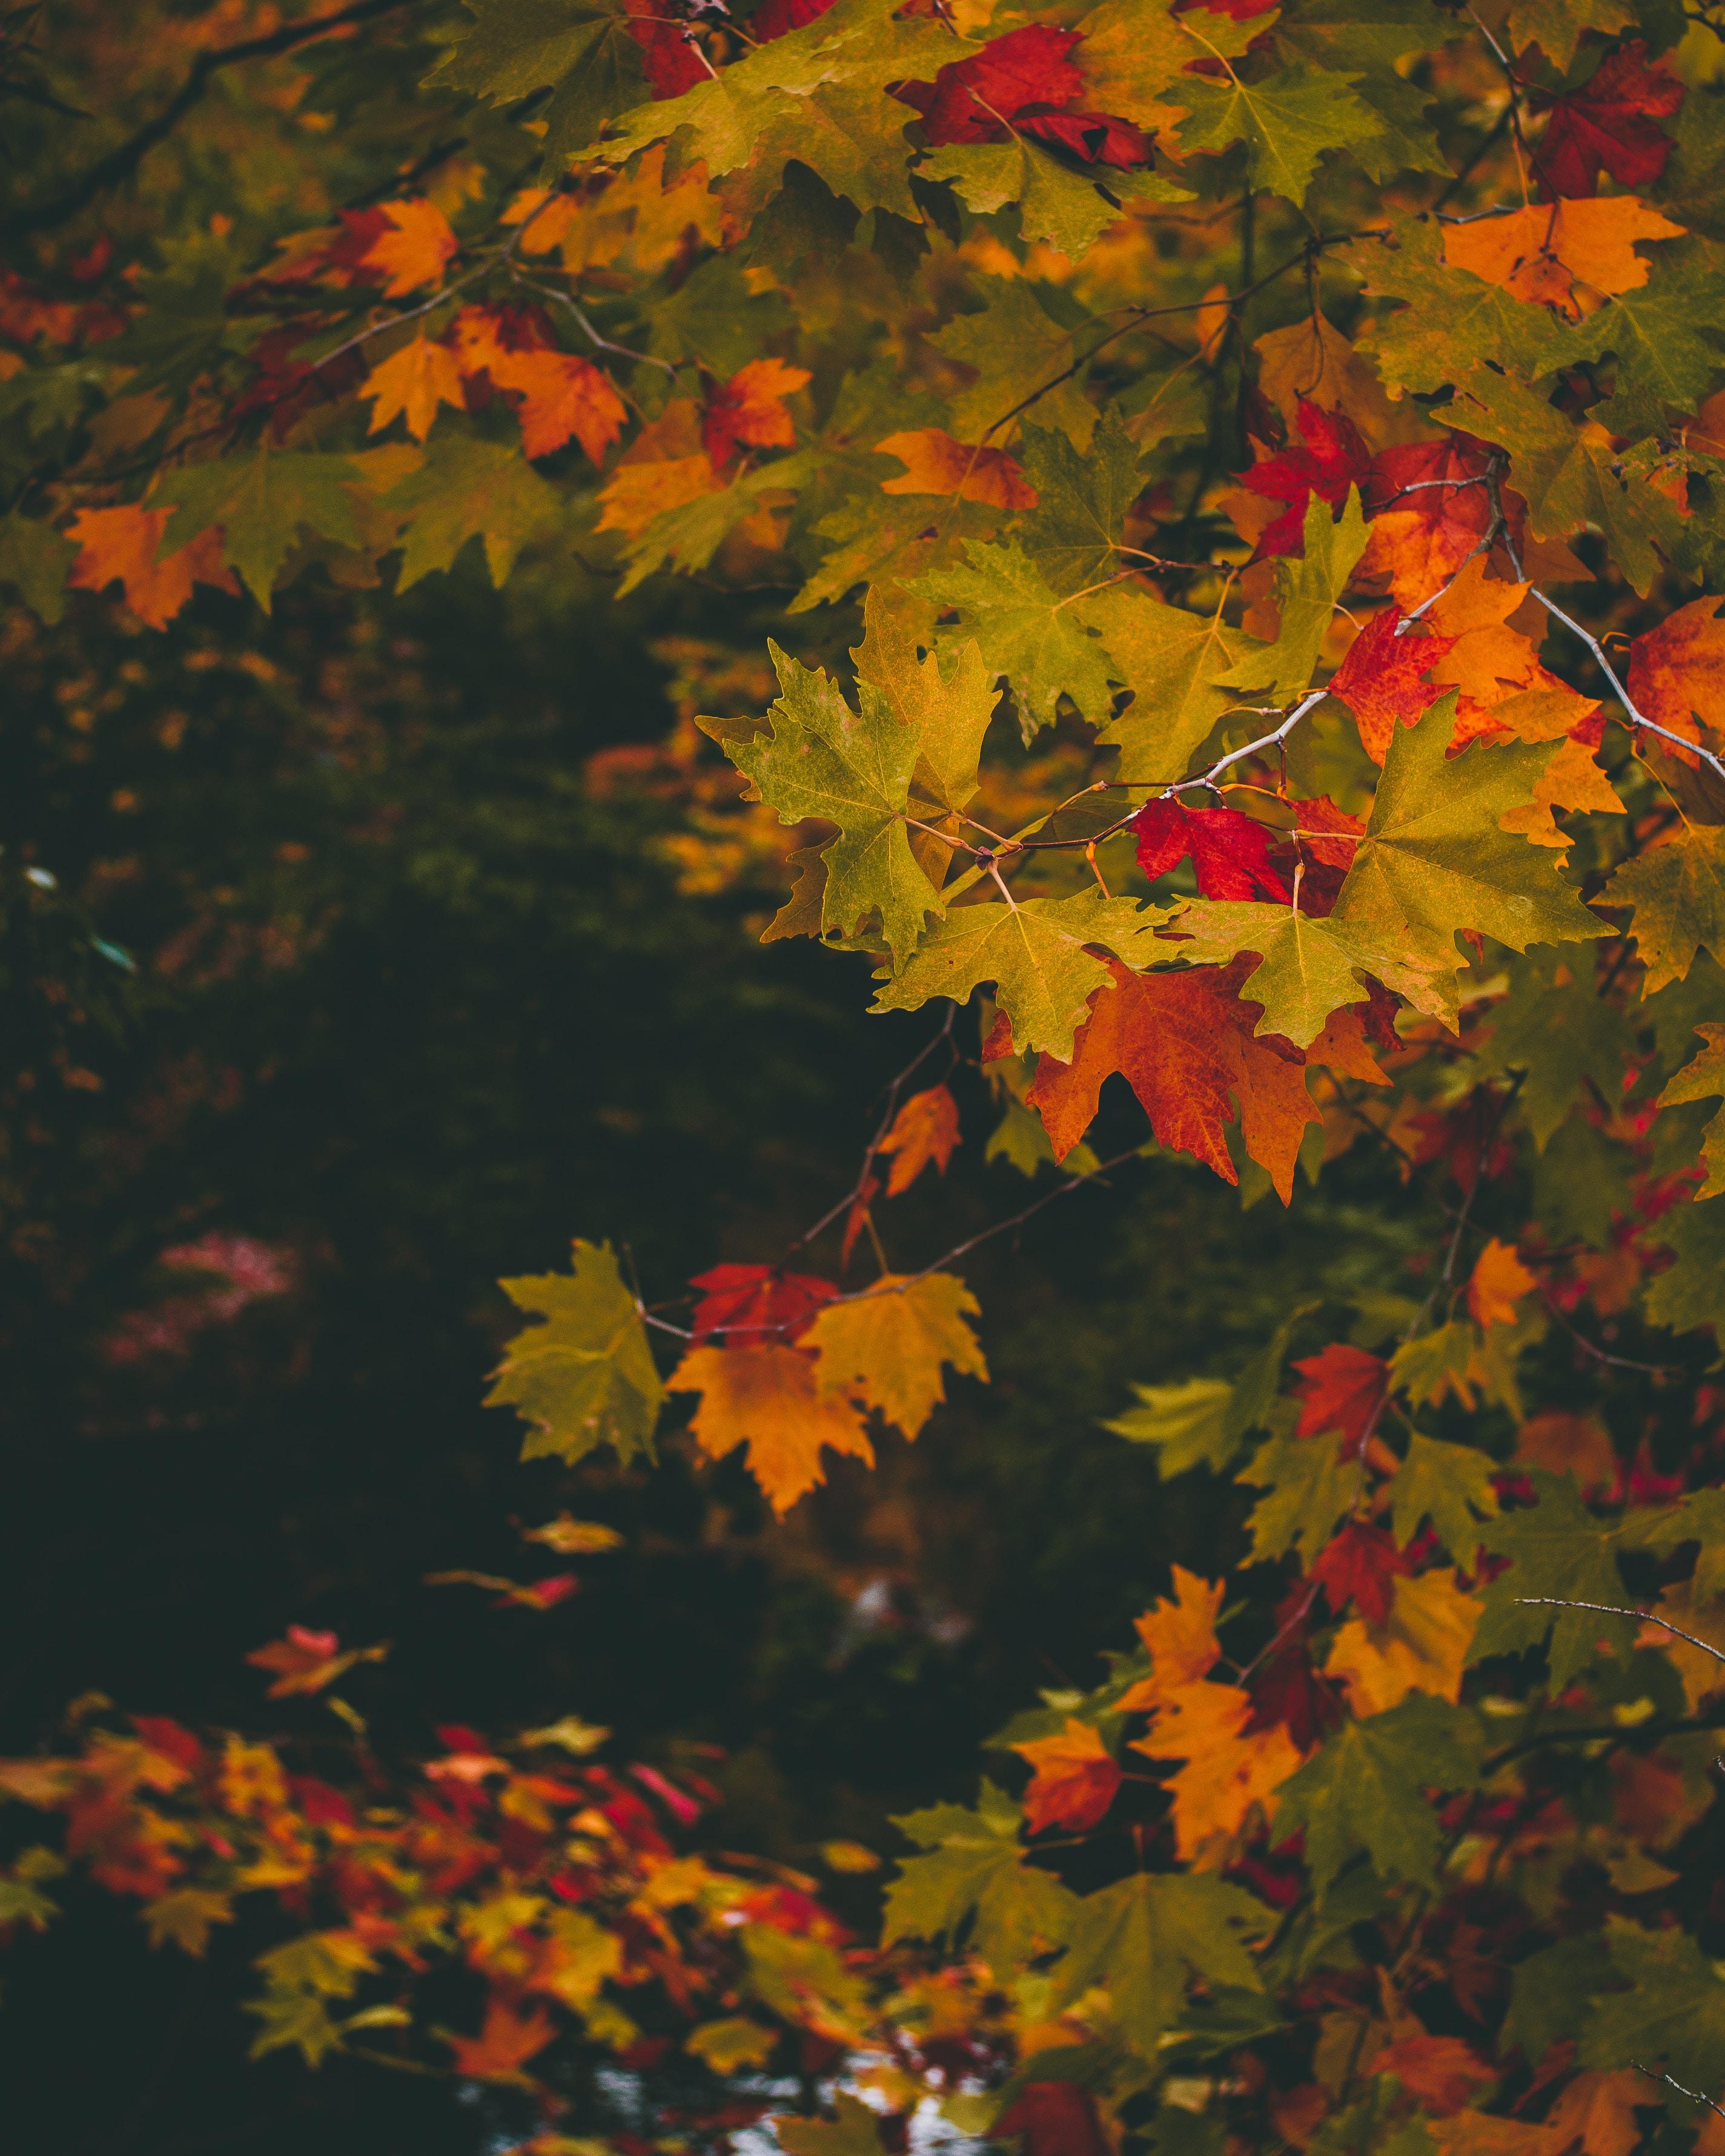 122087 Заставки и Обои Осень на телефон. Скачать Осень, Природа, Листья, Разноцветный, Размытость, Ветки, Клен картинки бесплатно